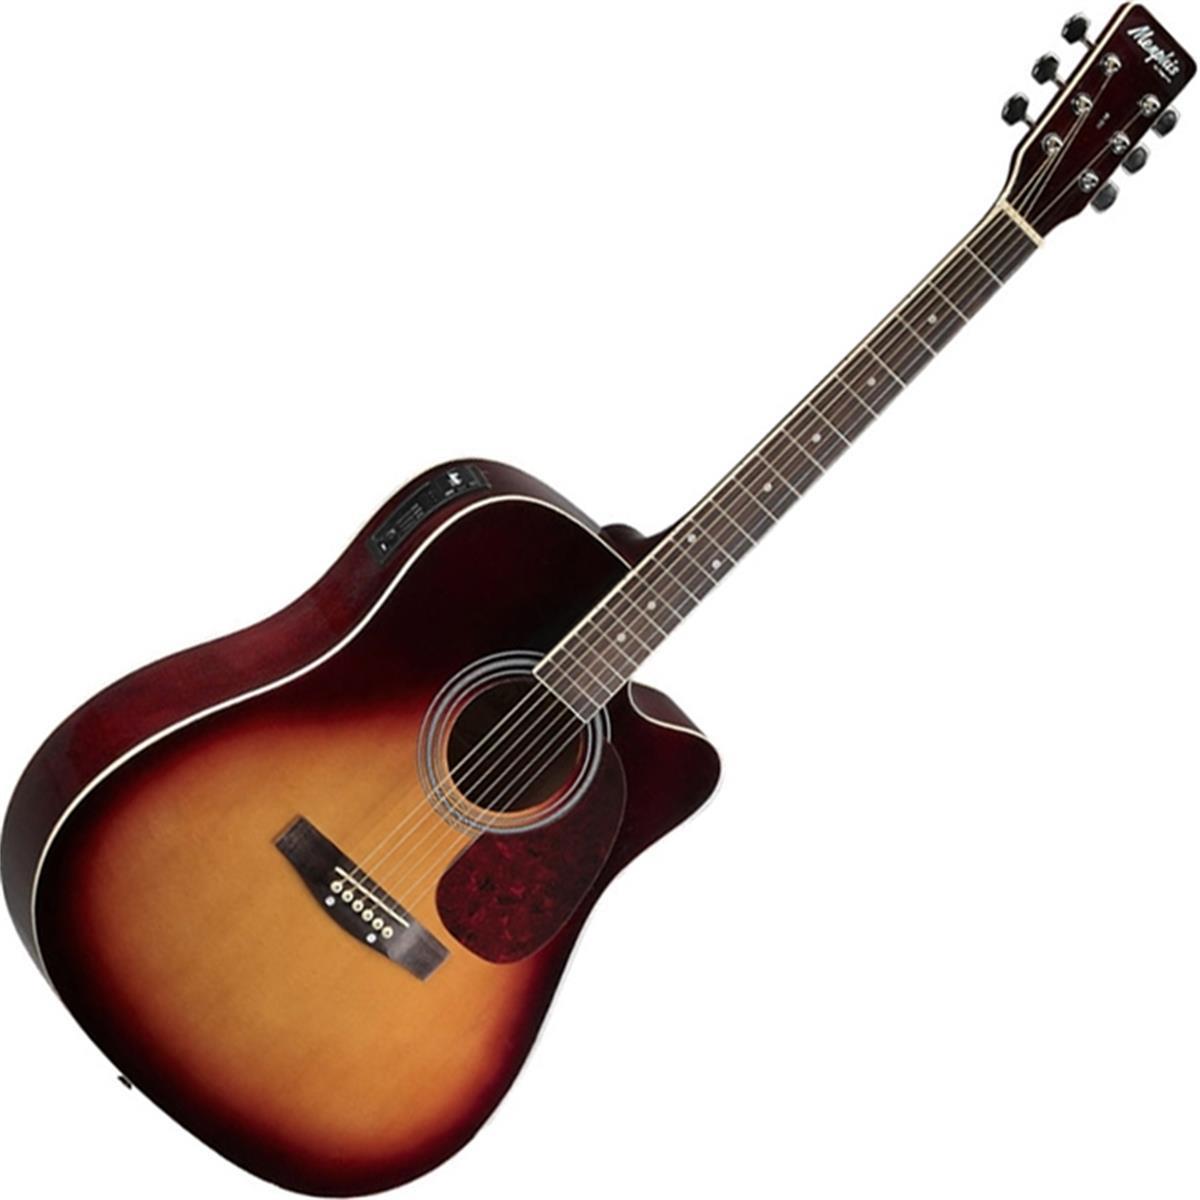 Violão Eletro Acústico Folk Memphis Sunburst Md18 Tagima